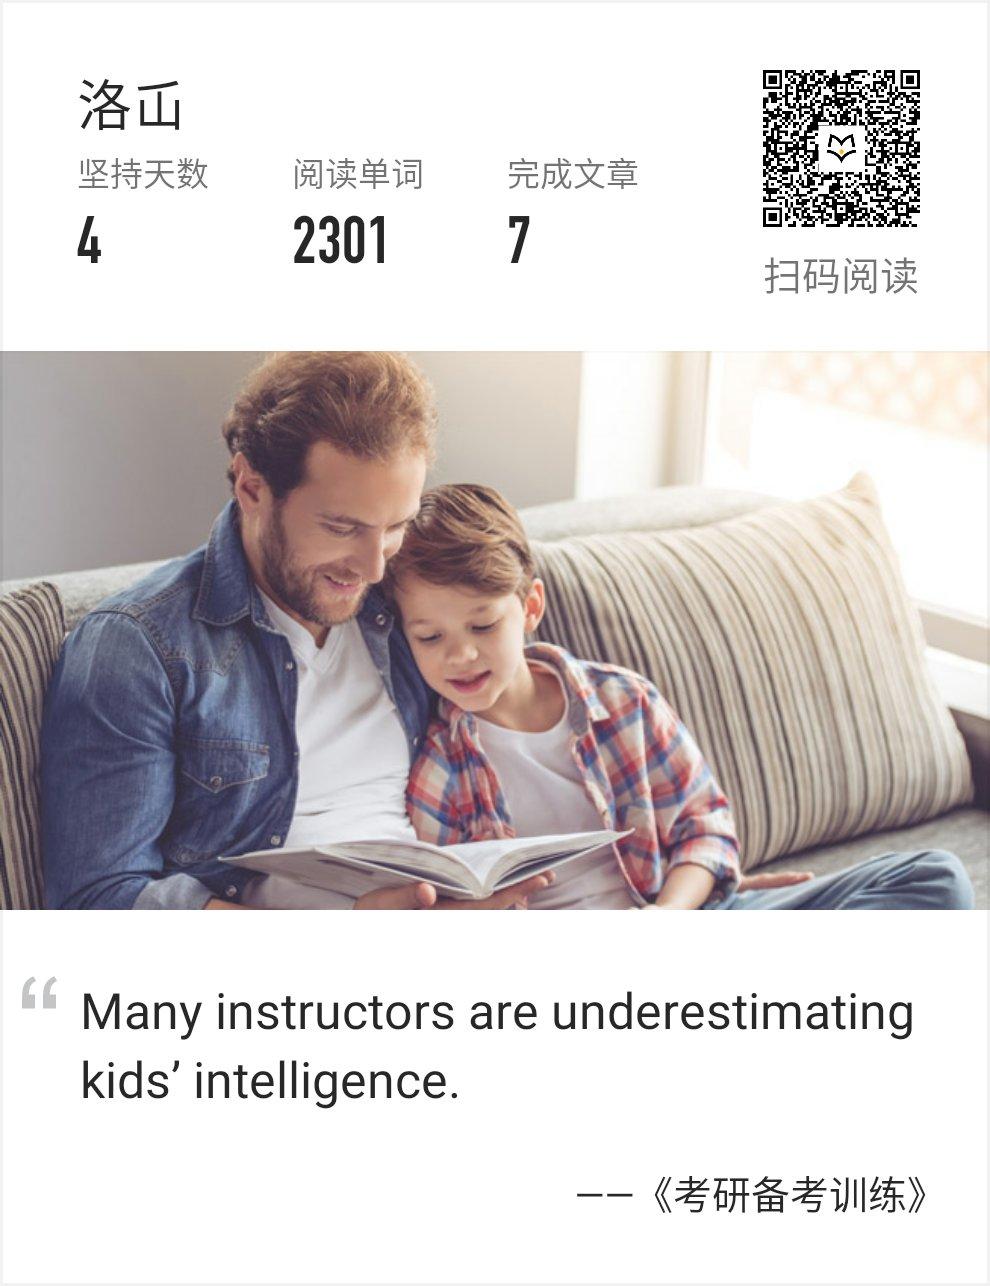 http://wenyan.me/uploads/answer/20200721/9a7e4eee0dbf46d18d2b74622f7a9a2a.jpg